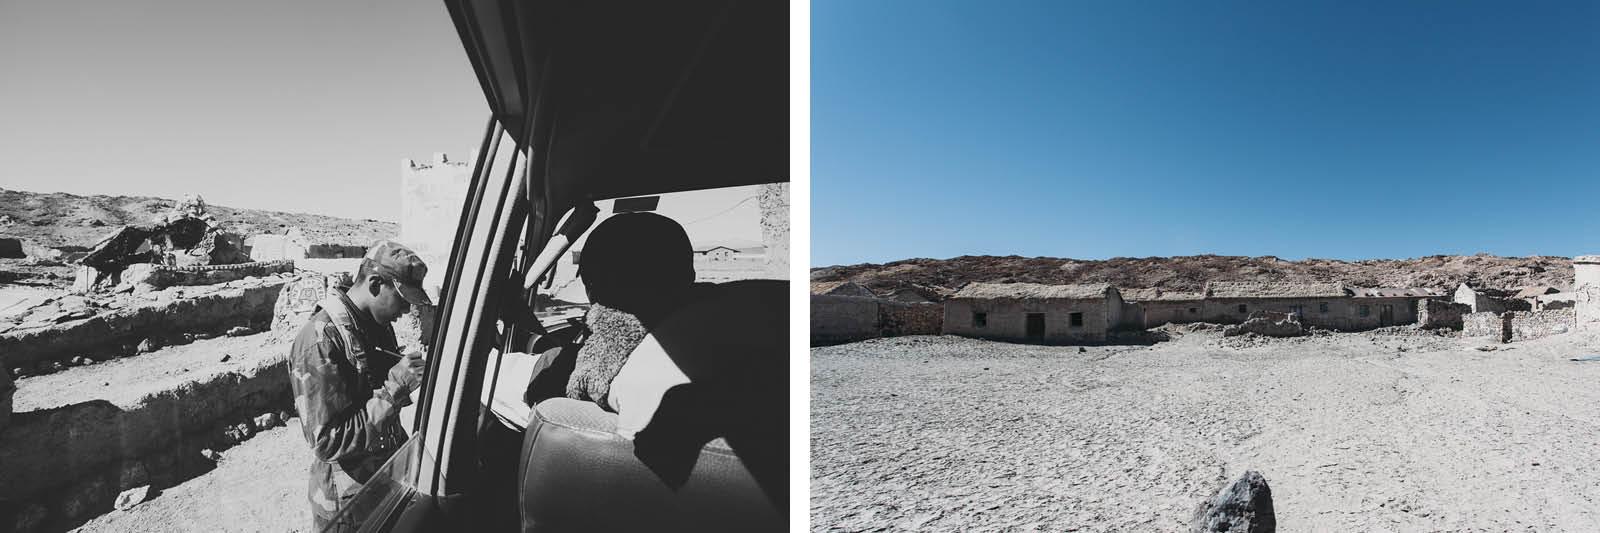 Evabloem-Salar-de-Uyuni_Bolivia-000111.jpg